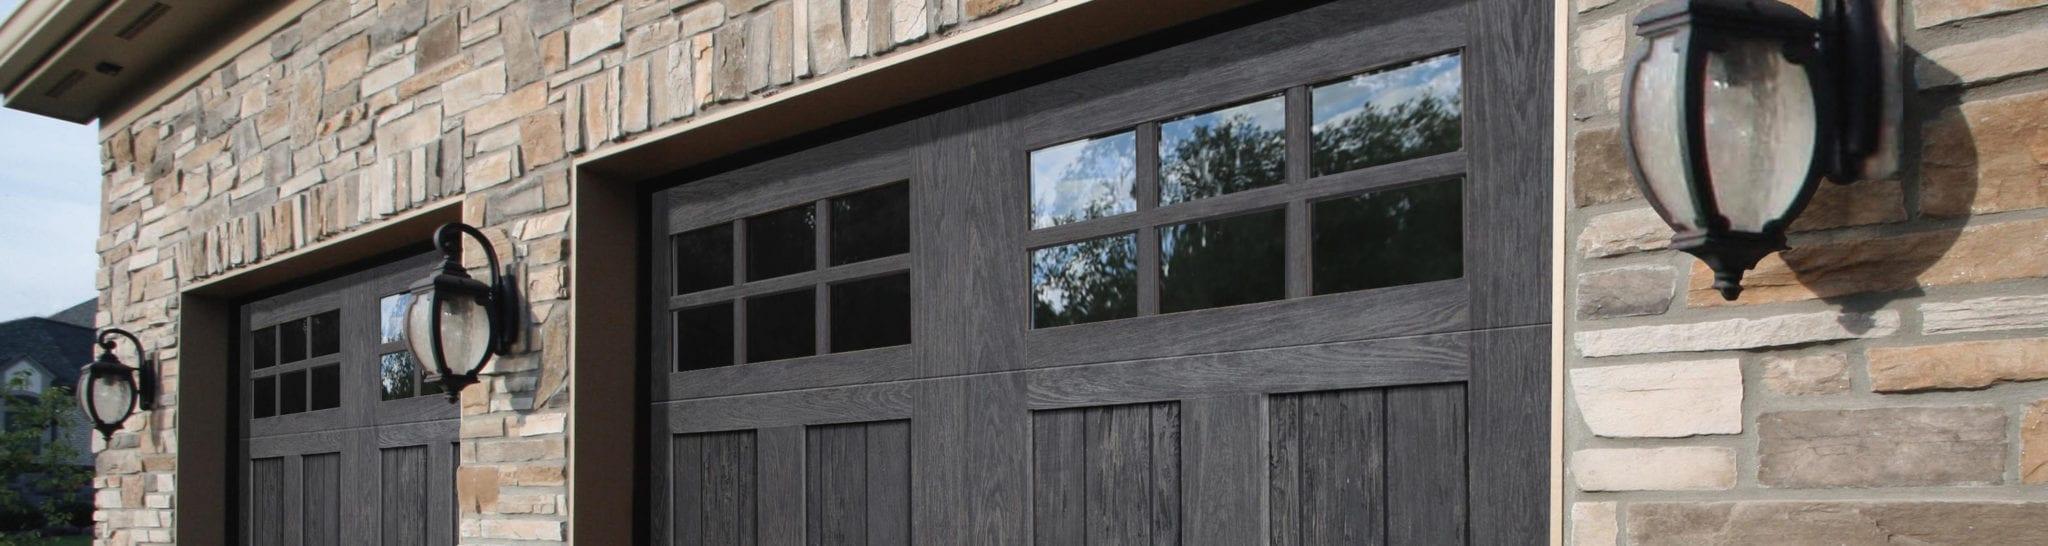 Residential Canyon Ridge Garage Doors